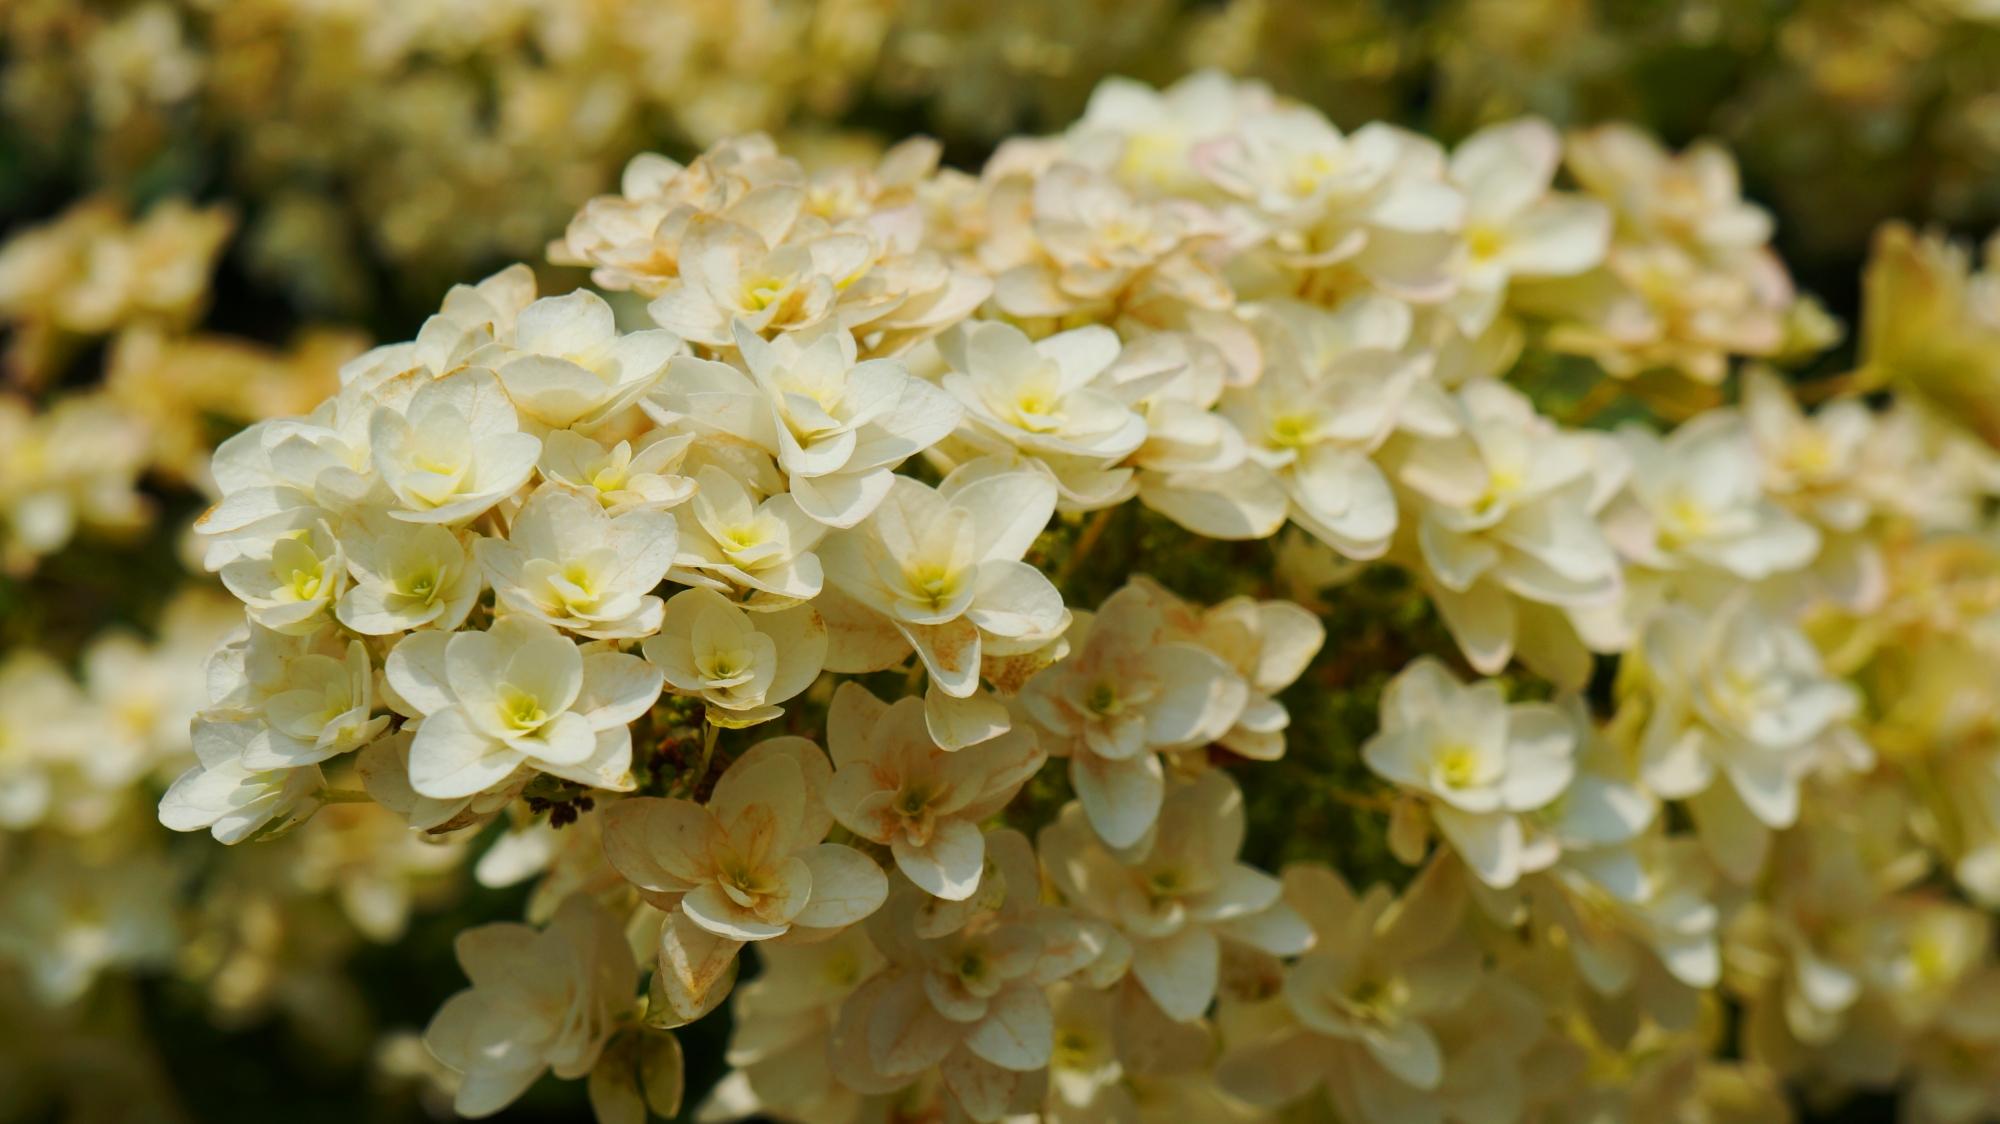 花びらが何重にも重なるカシワバアジサイ